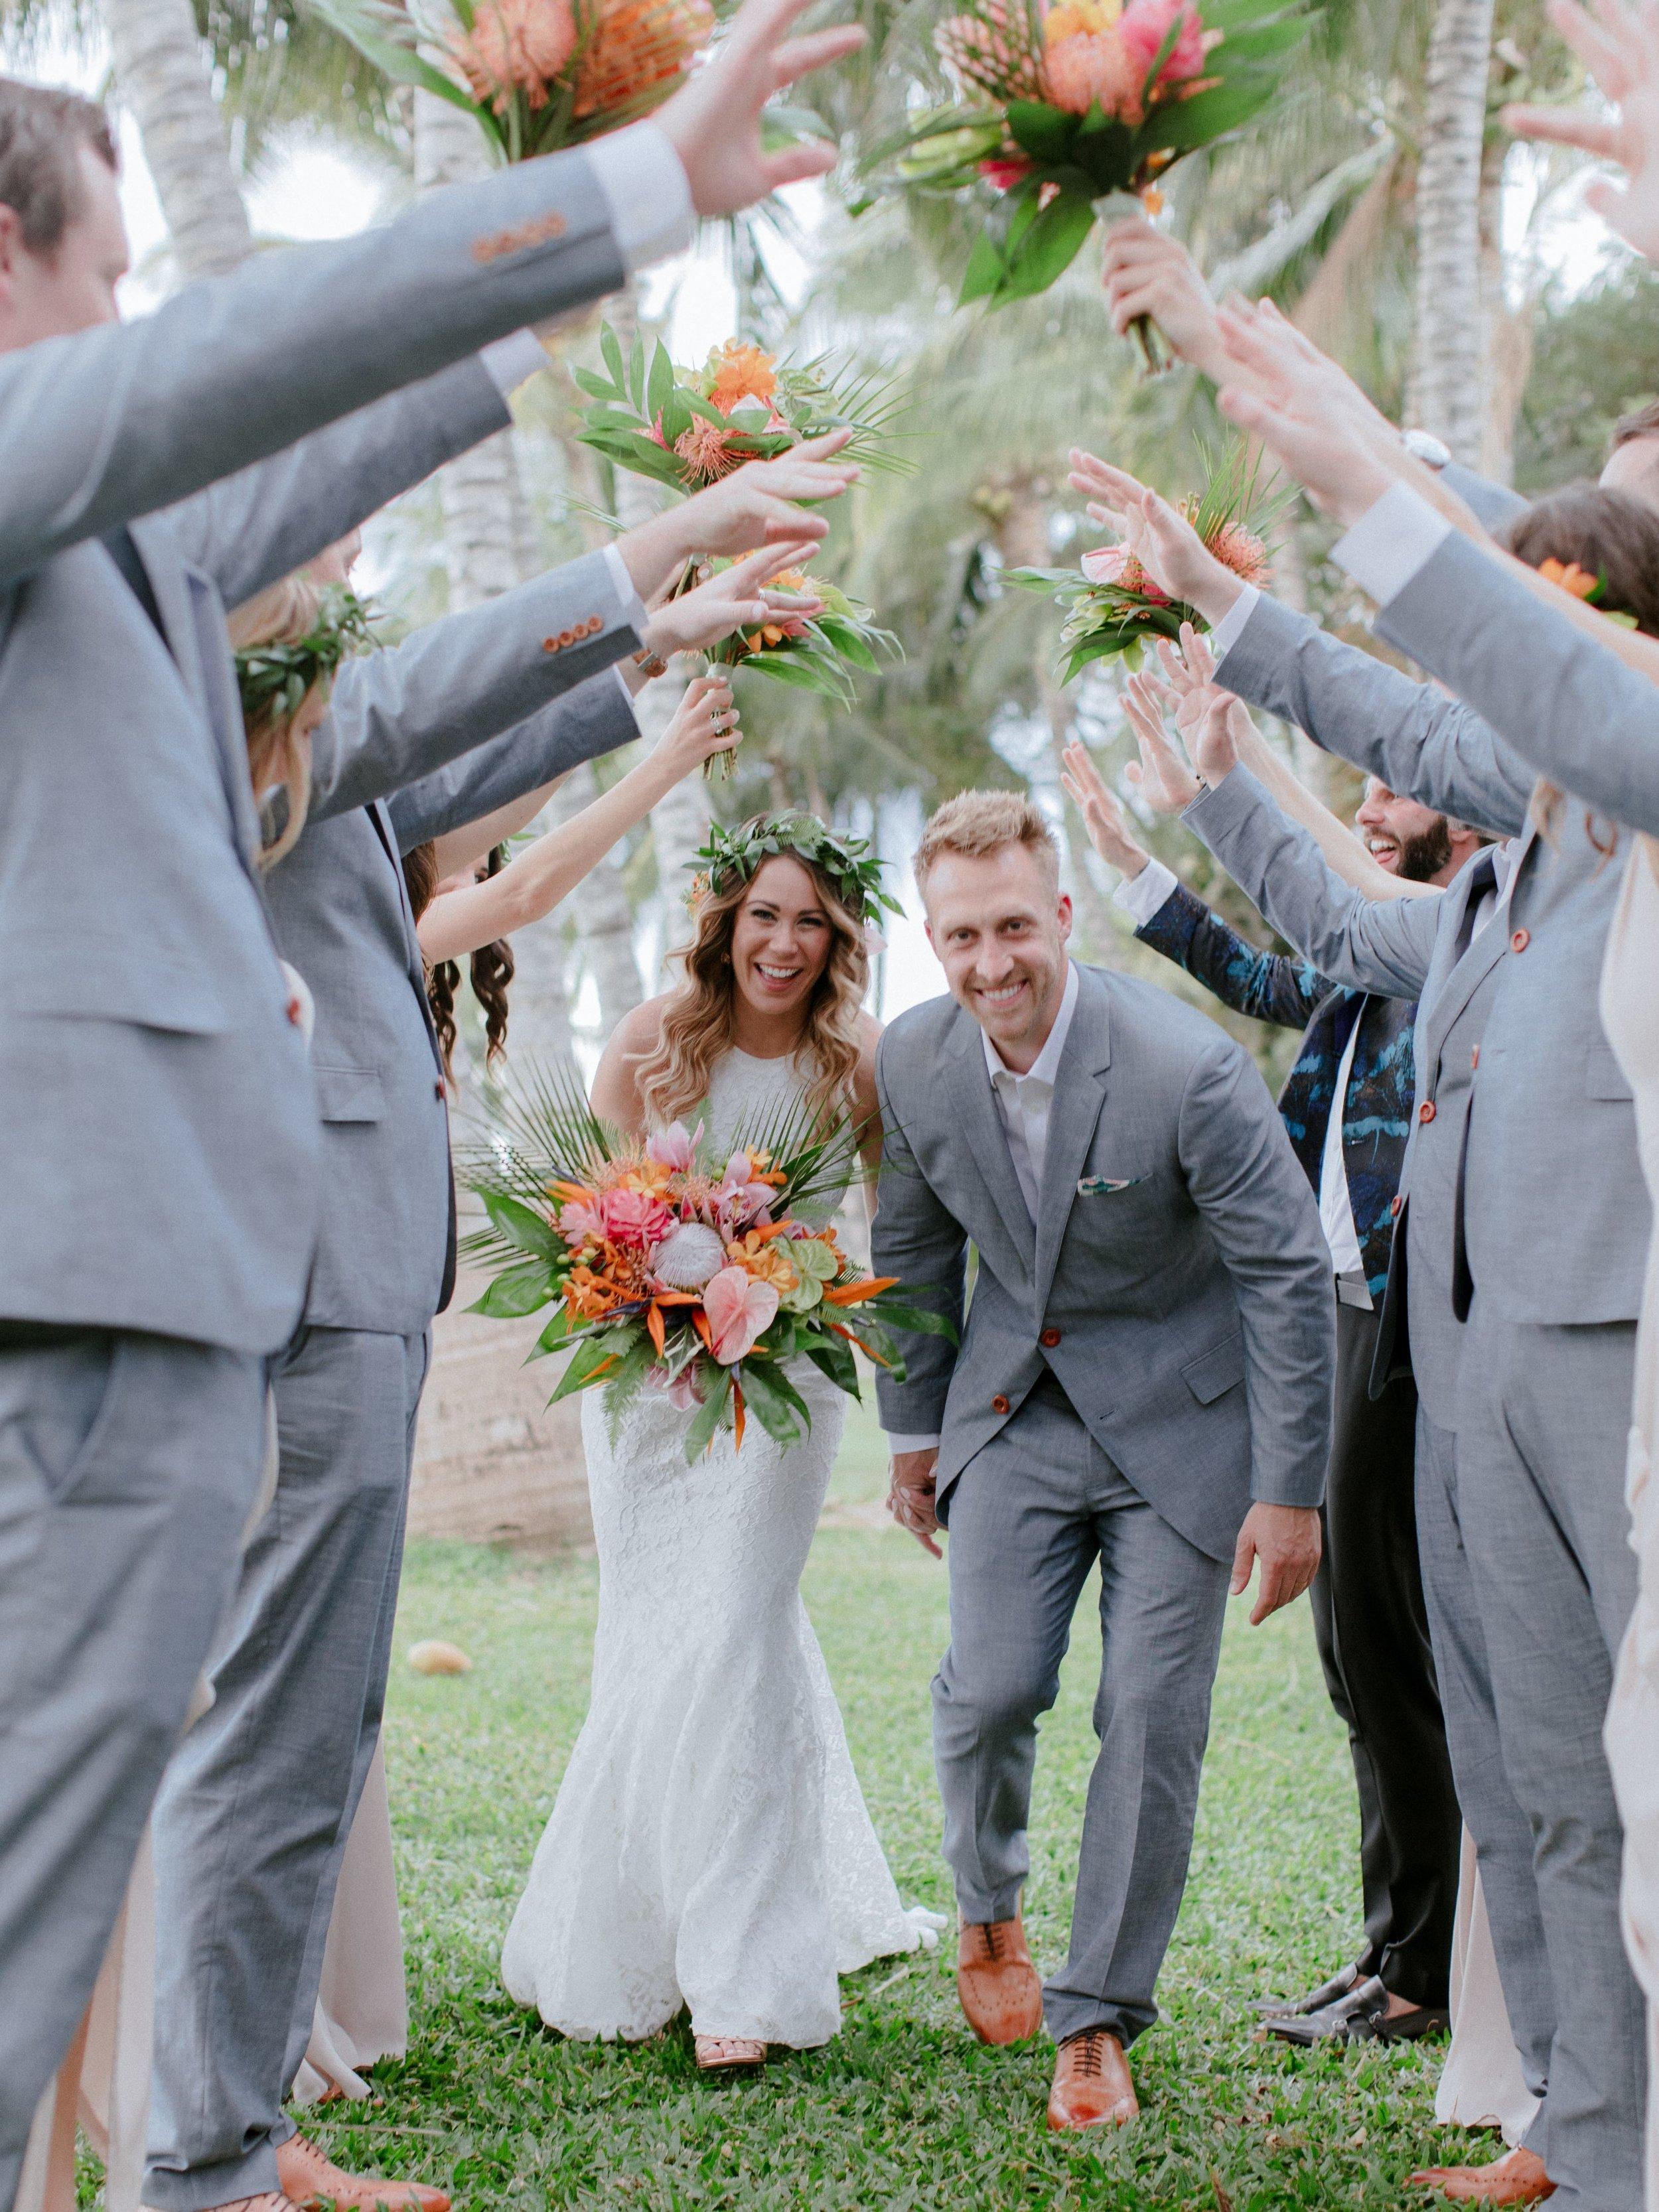 Chris-J-Evans-maui-wedding-JA2826.jpg